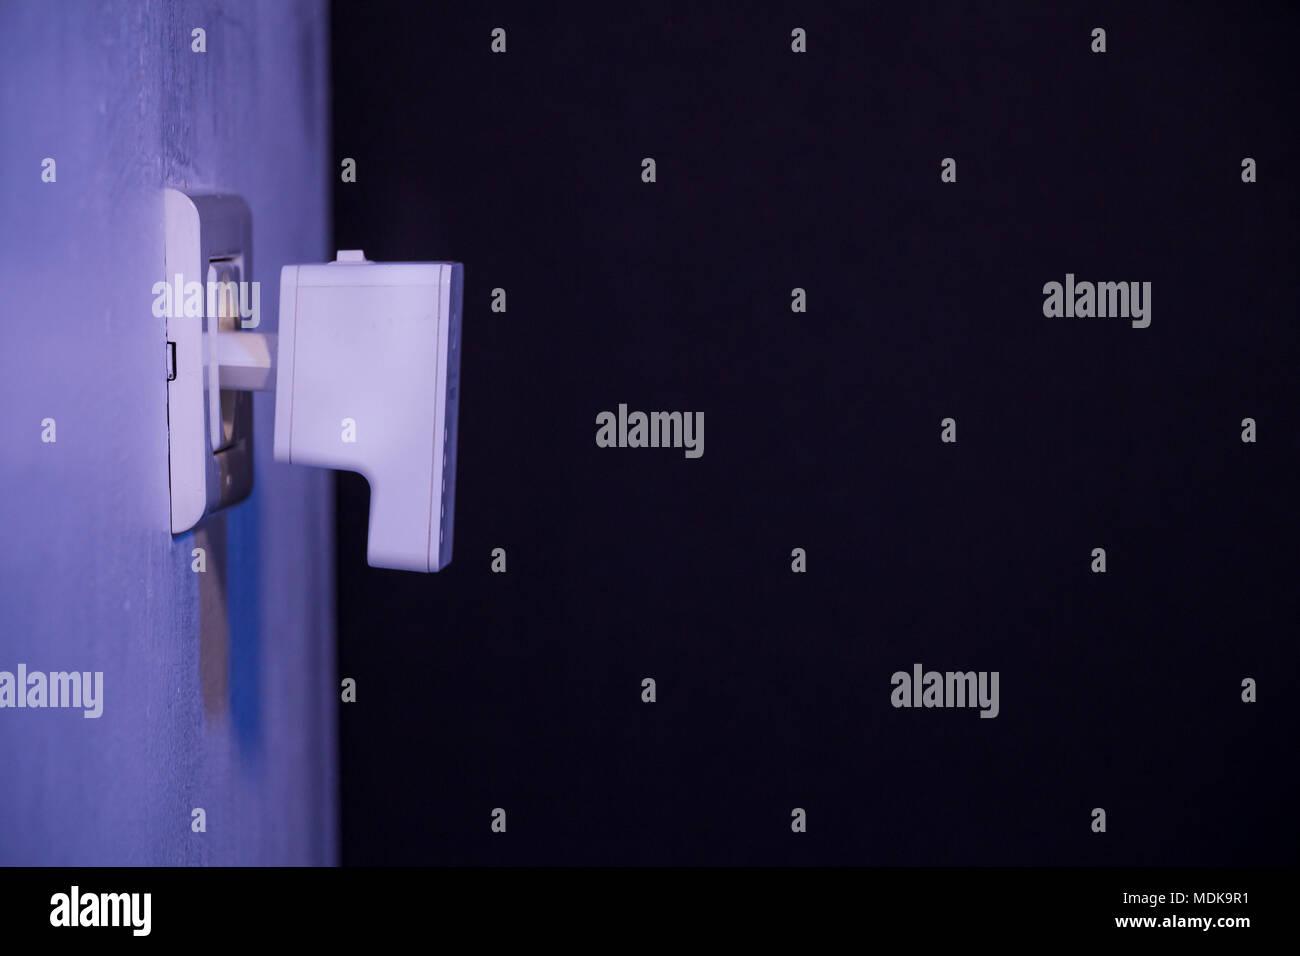 Sehr Wlan Repeater in Steckdose an der Wand. Gerät, mit dem drahtlosen JJ43